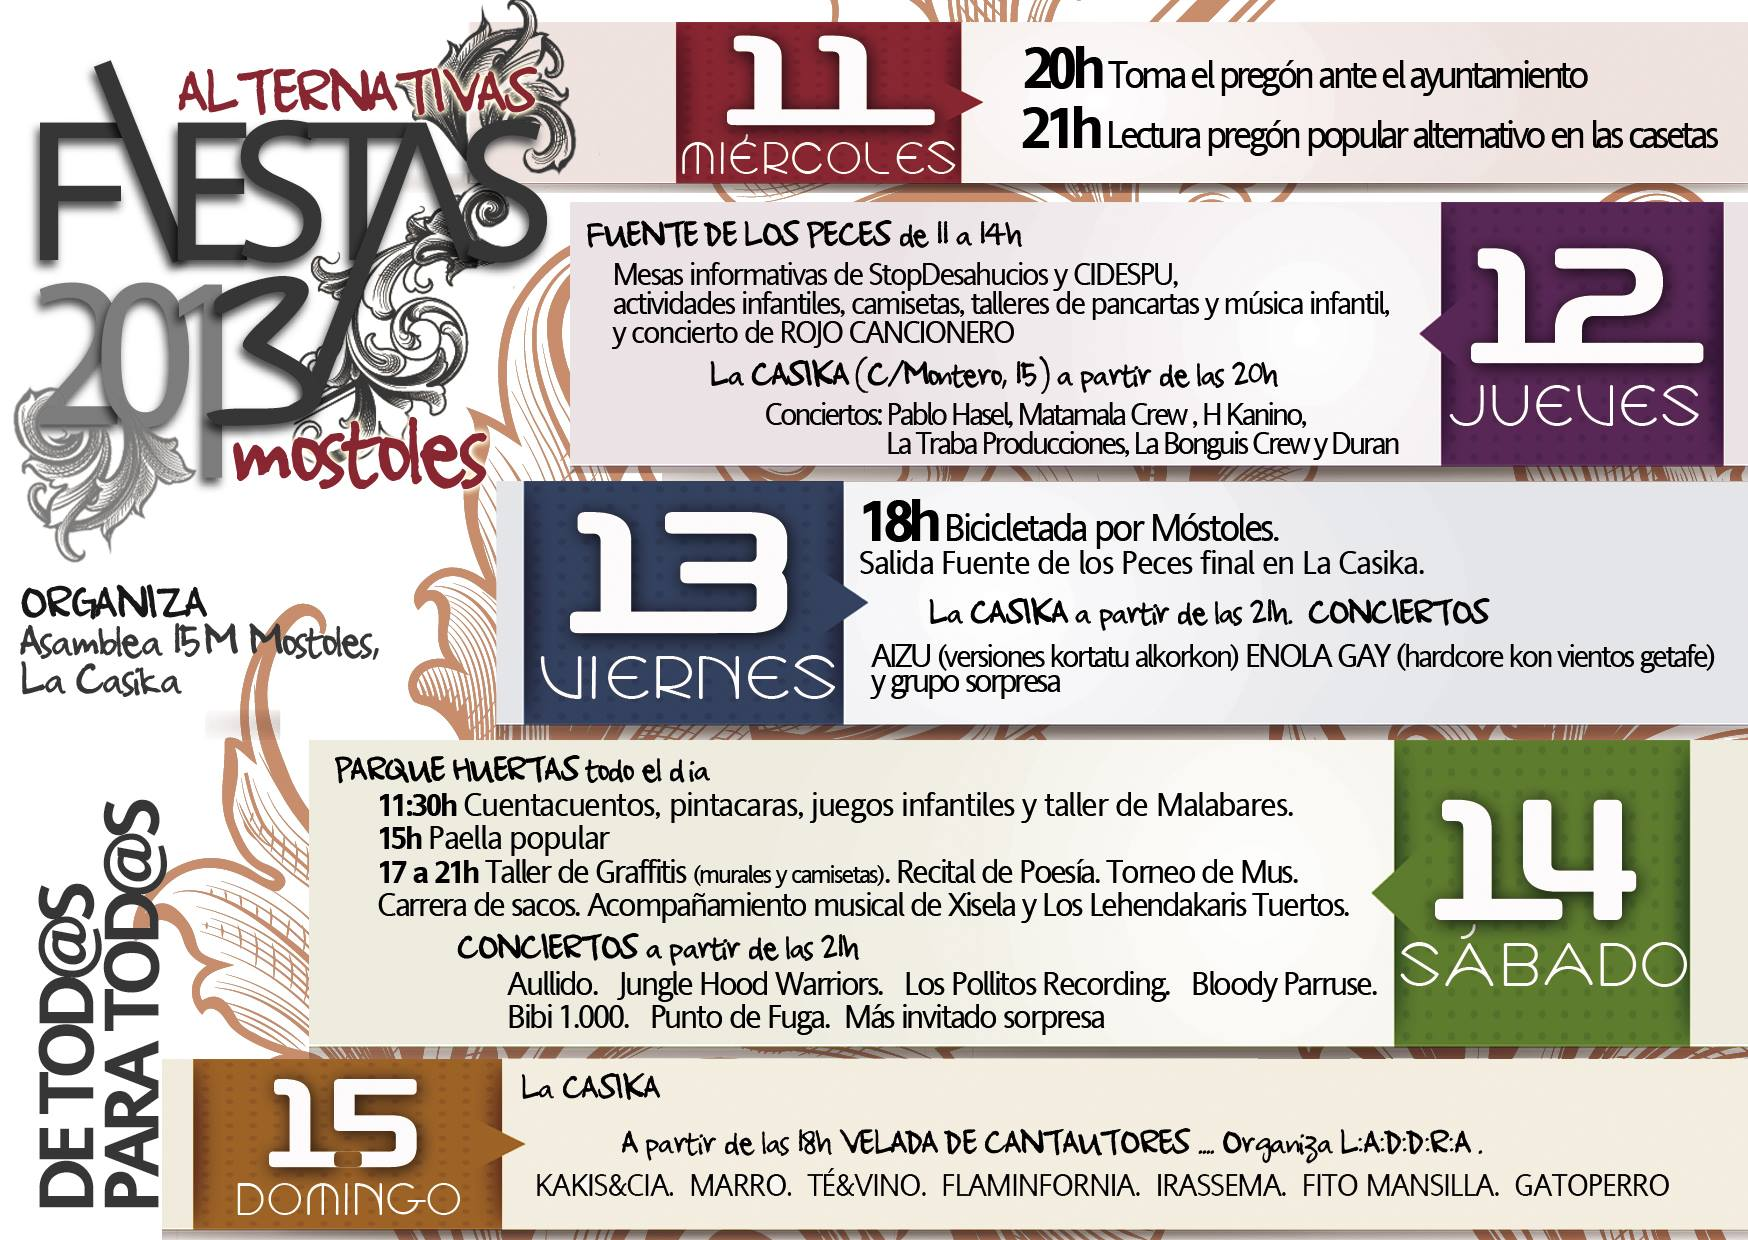 cartel Fiestas alternativas Móstoles septiembre 2013 - del 11 al 15 de septiembre